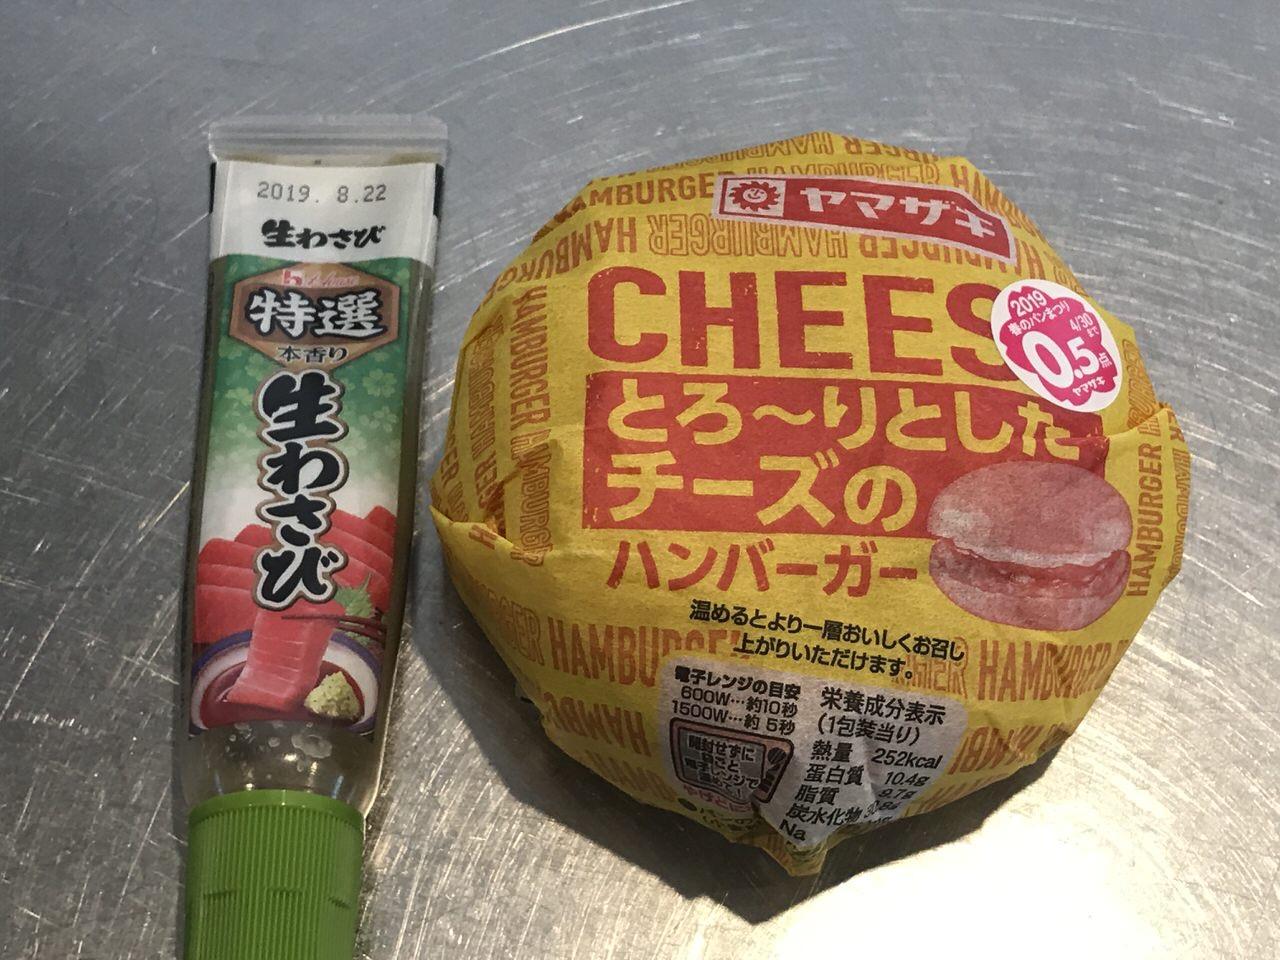 チーズバーガーにわさびを注入!これが「わさビーフバーガー」か!